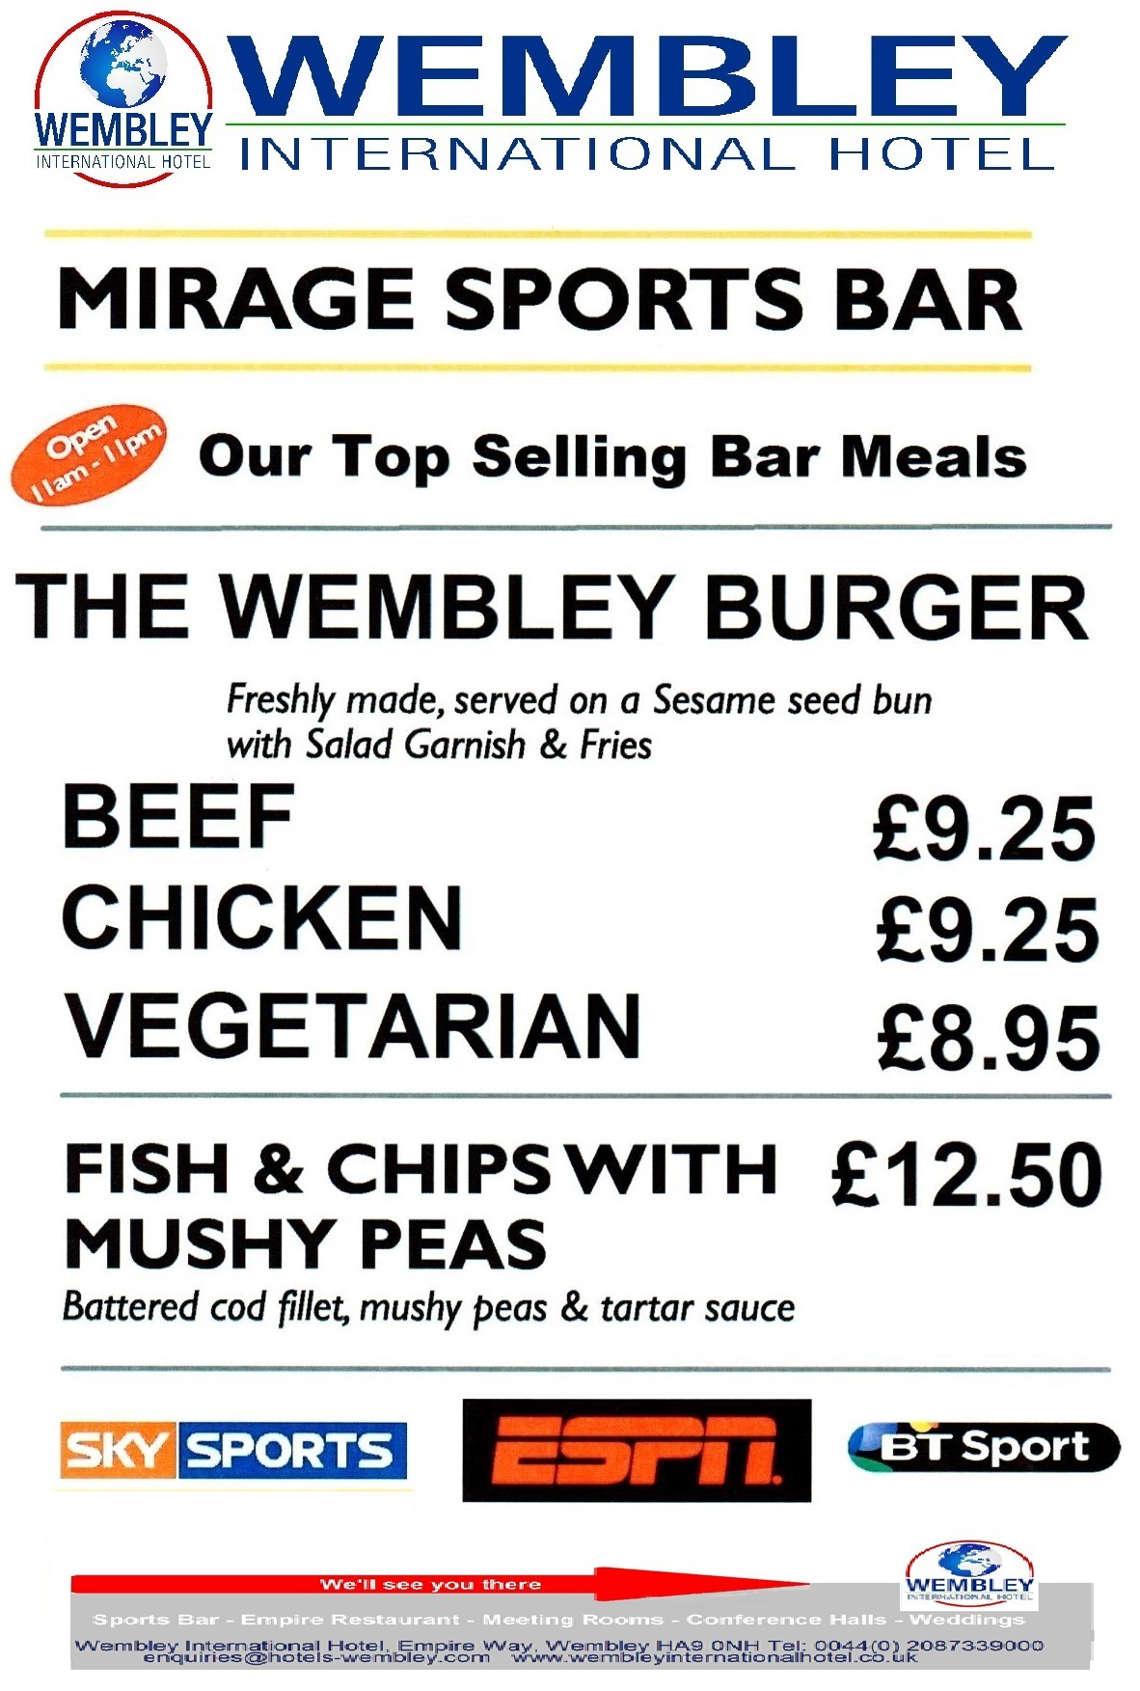 miragesportsbar-menuposter